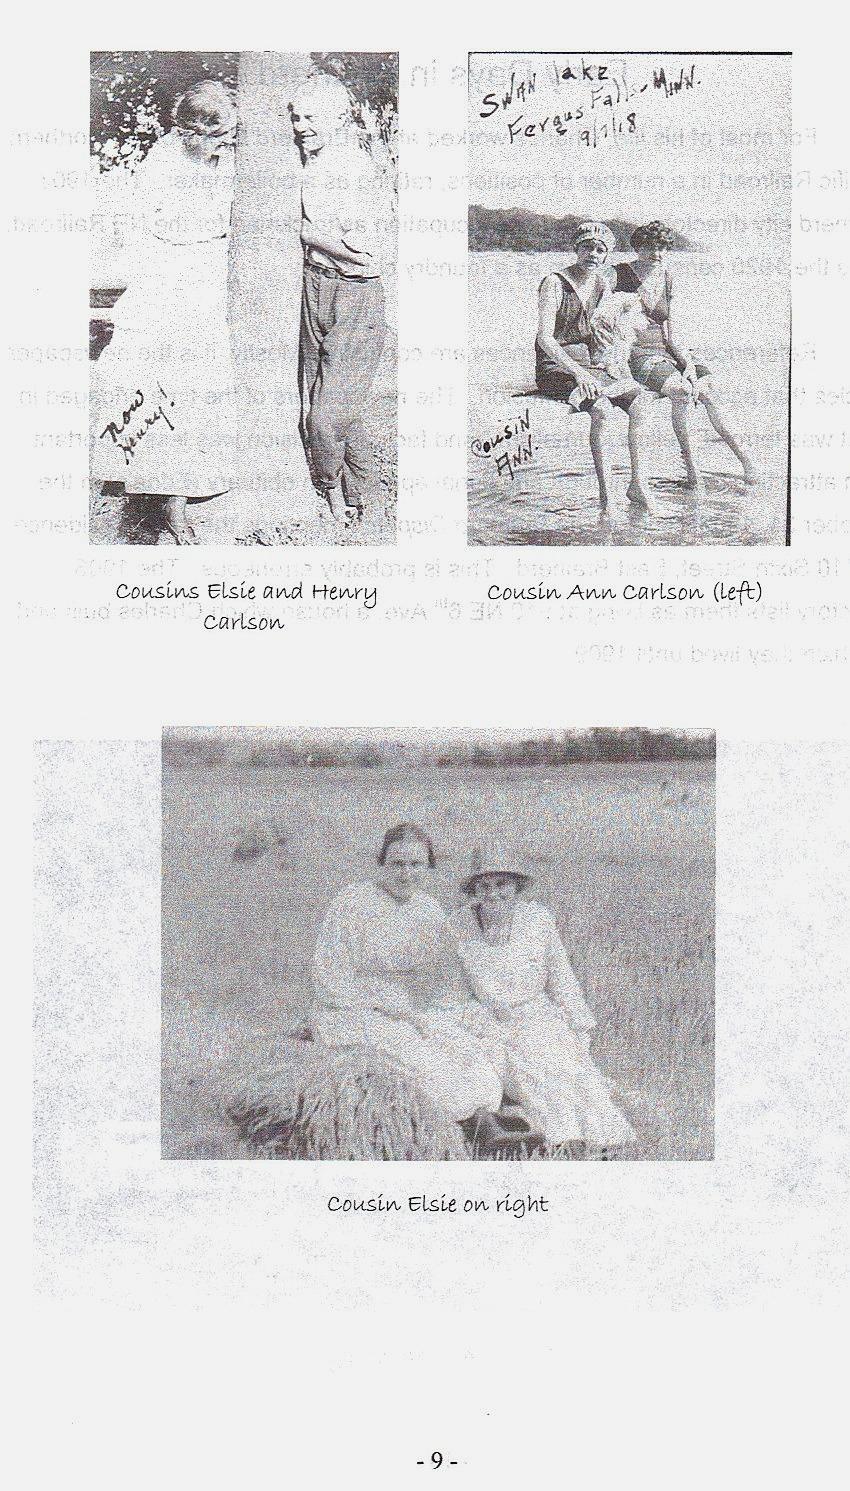 Sid 9, bilder på kusinen Elsie i Fergus Falls